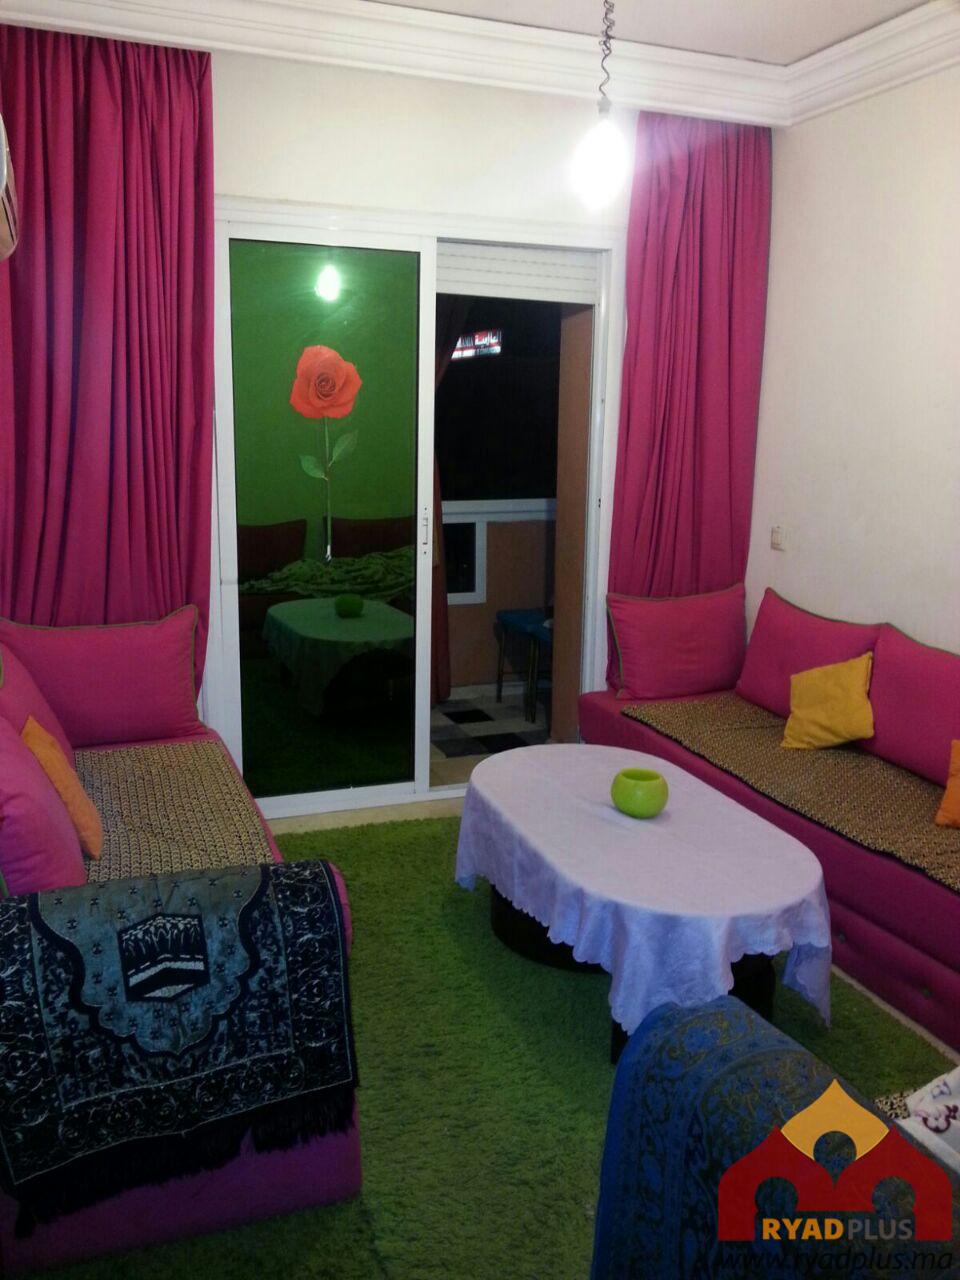 Vente <strong>Appartement</strong> Marrakech Guéliz <strong>102 m2</strong>